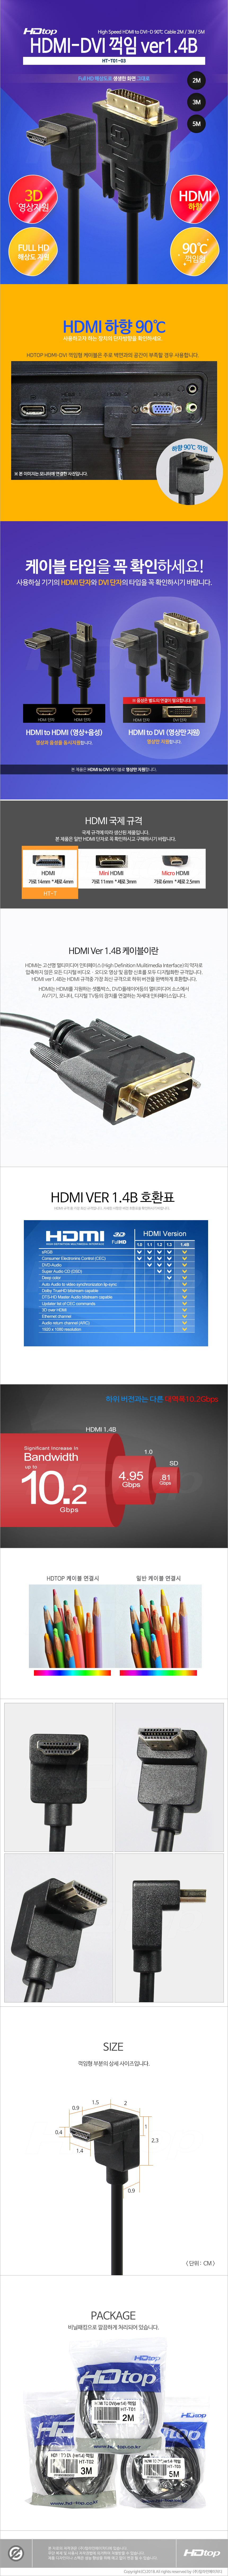 탑라인에이치디 HDTOP HDMI to DVI v1.4b 꺽임 케이블(5m, HT-T03)